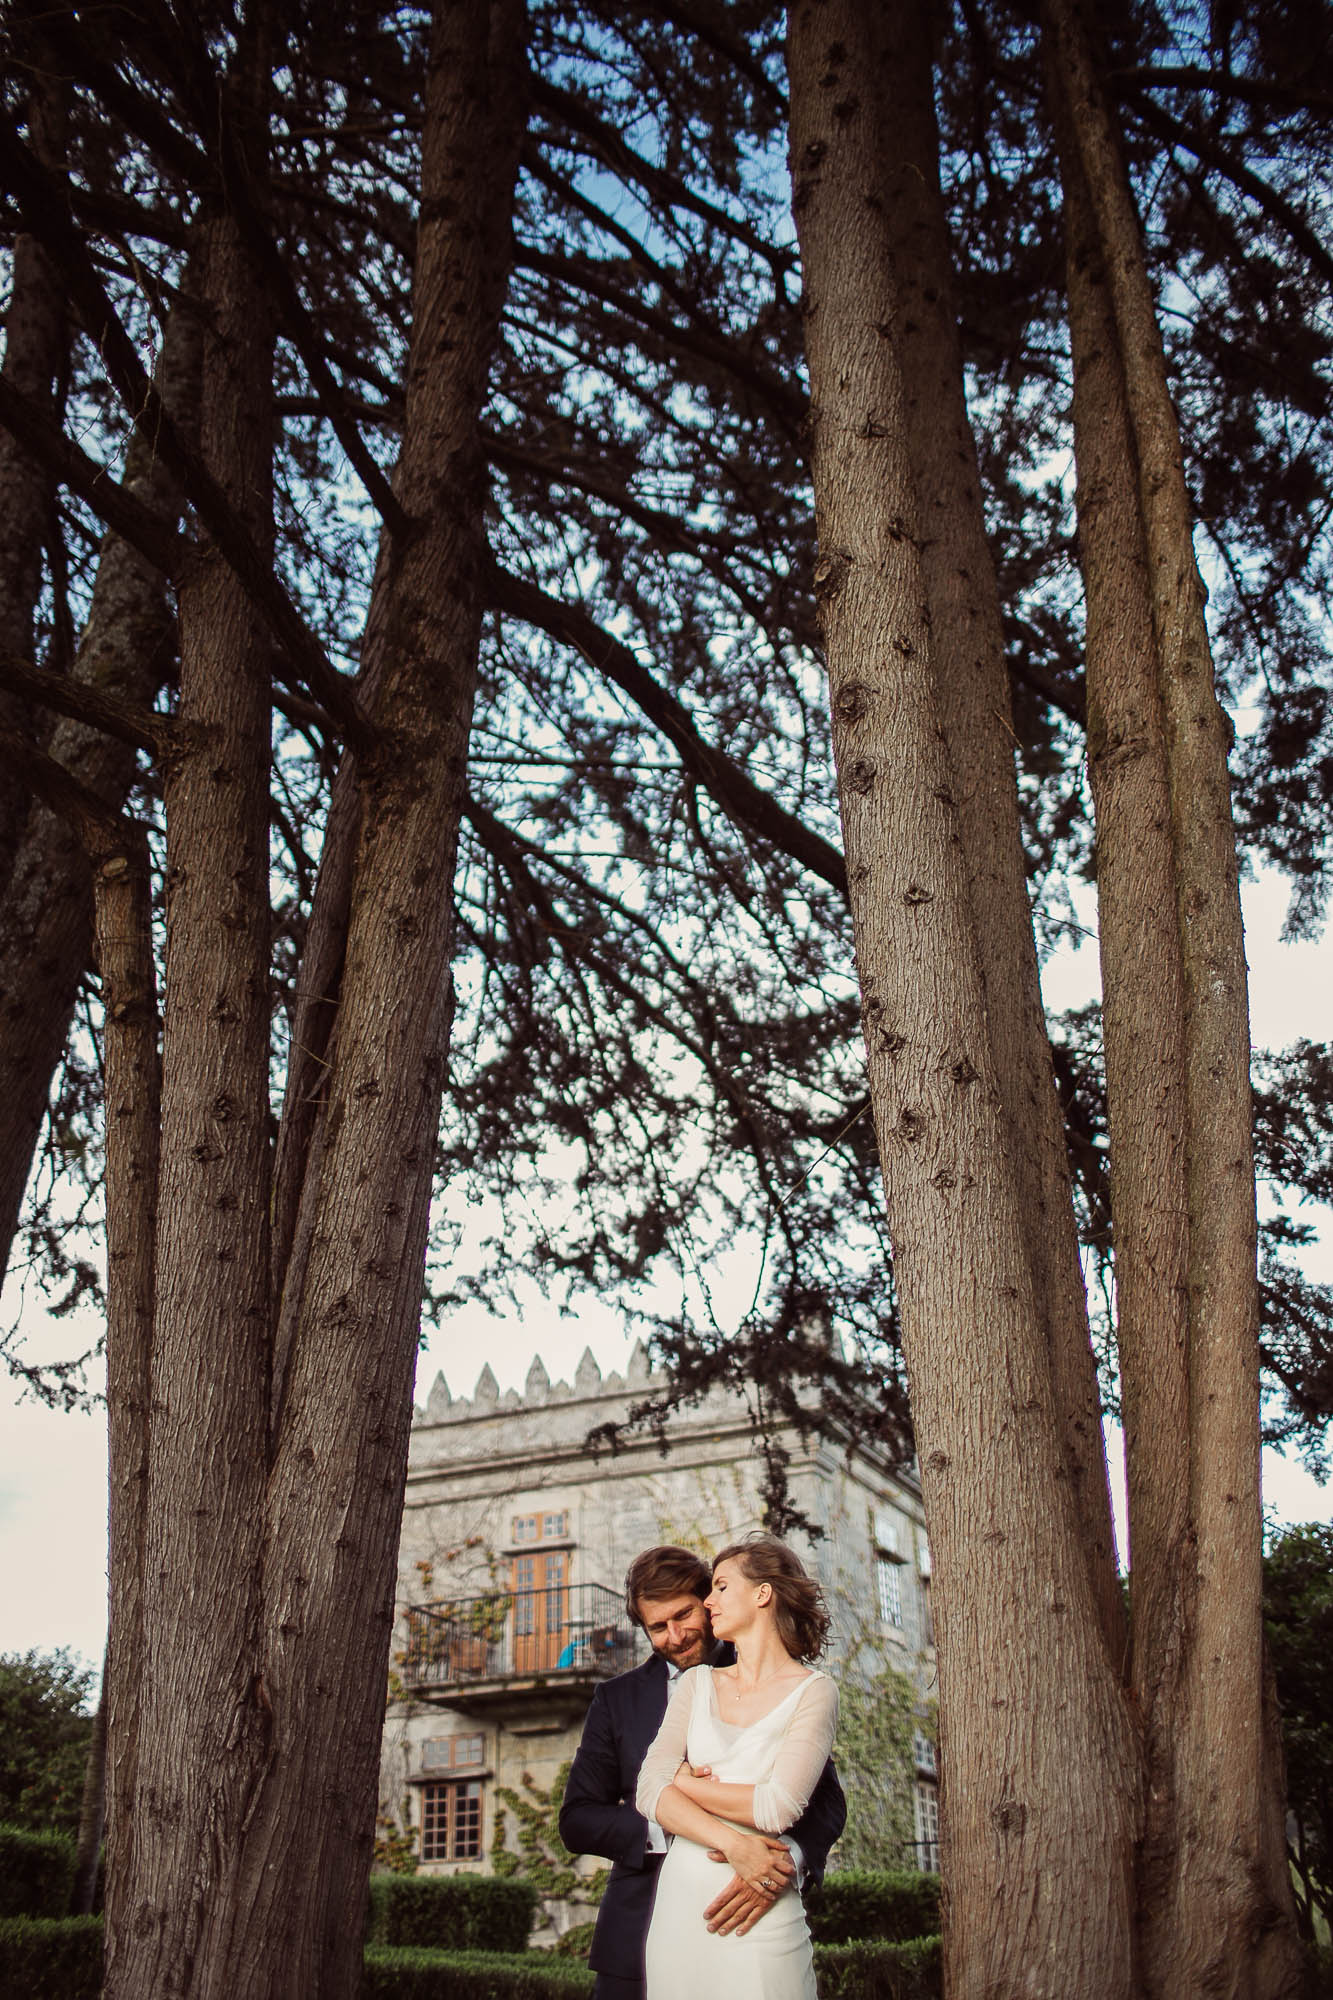 La novia se gira para verle la cara a su marido mientras éste le abraza por detrás